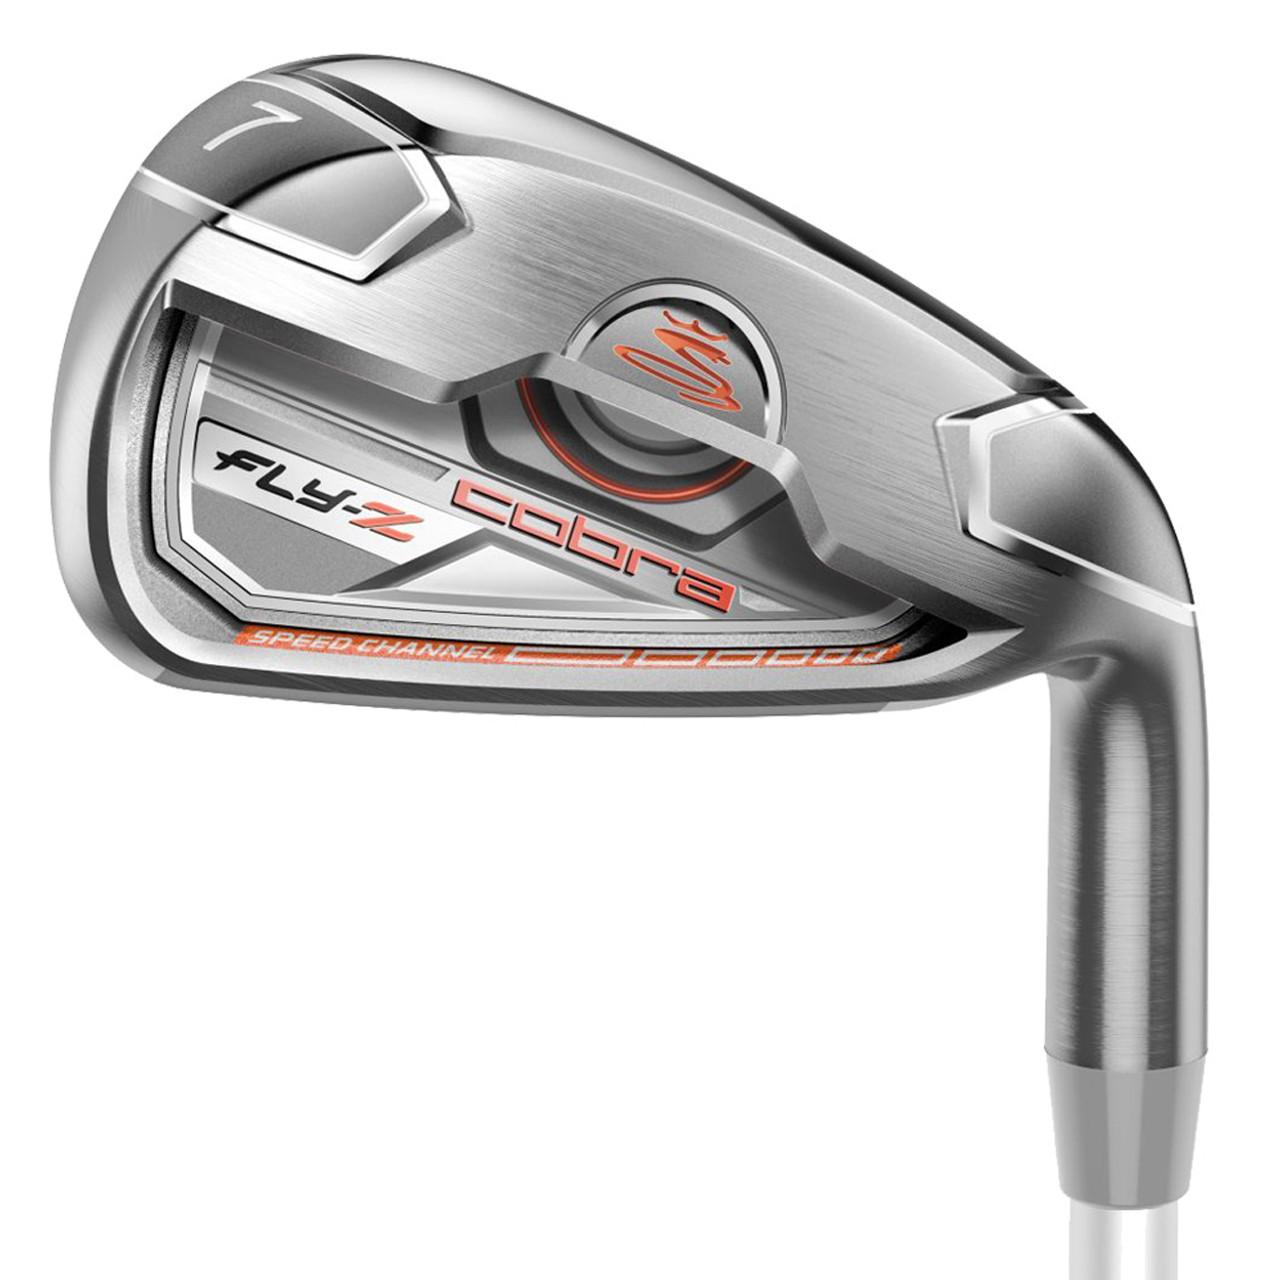 7b193c6a54d3 Cobra Women's Fly-Z Pink Iron Set (6-GW) - GolfEtail.com